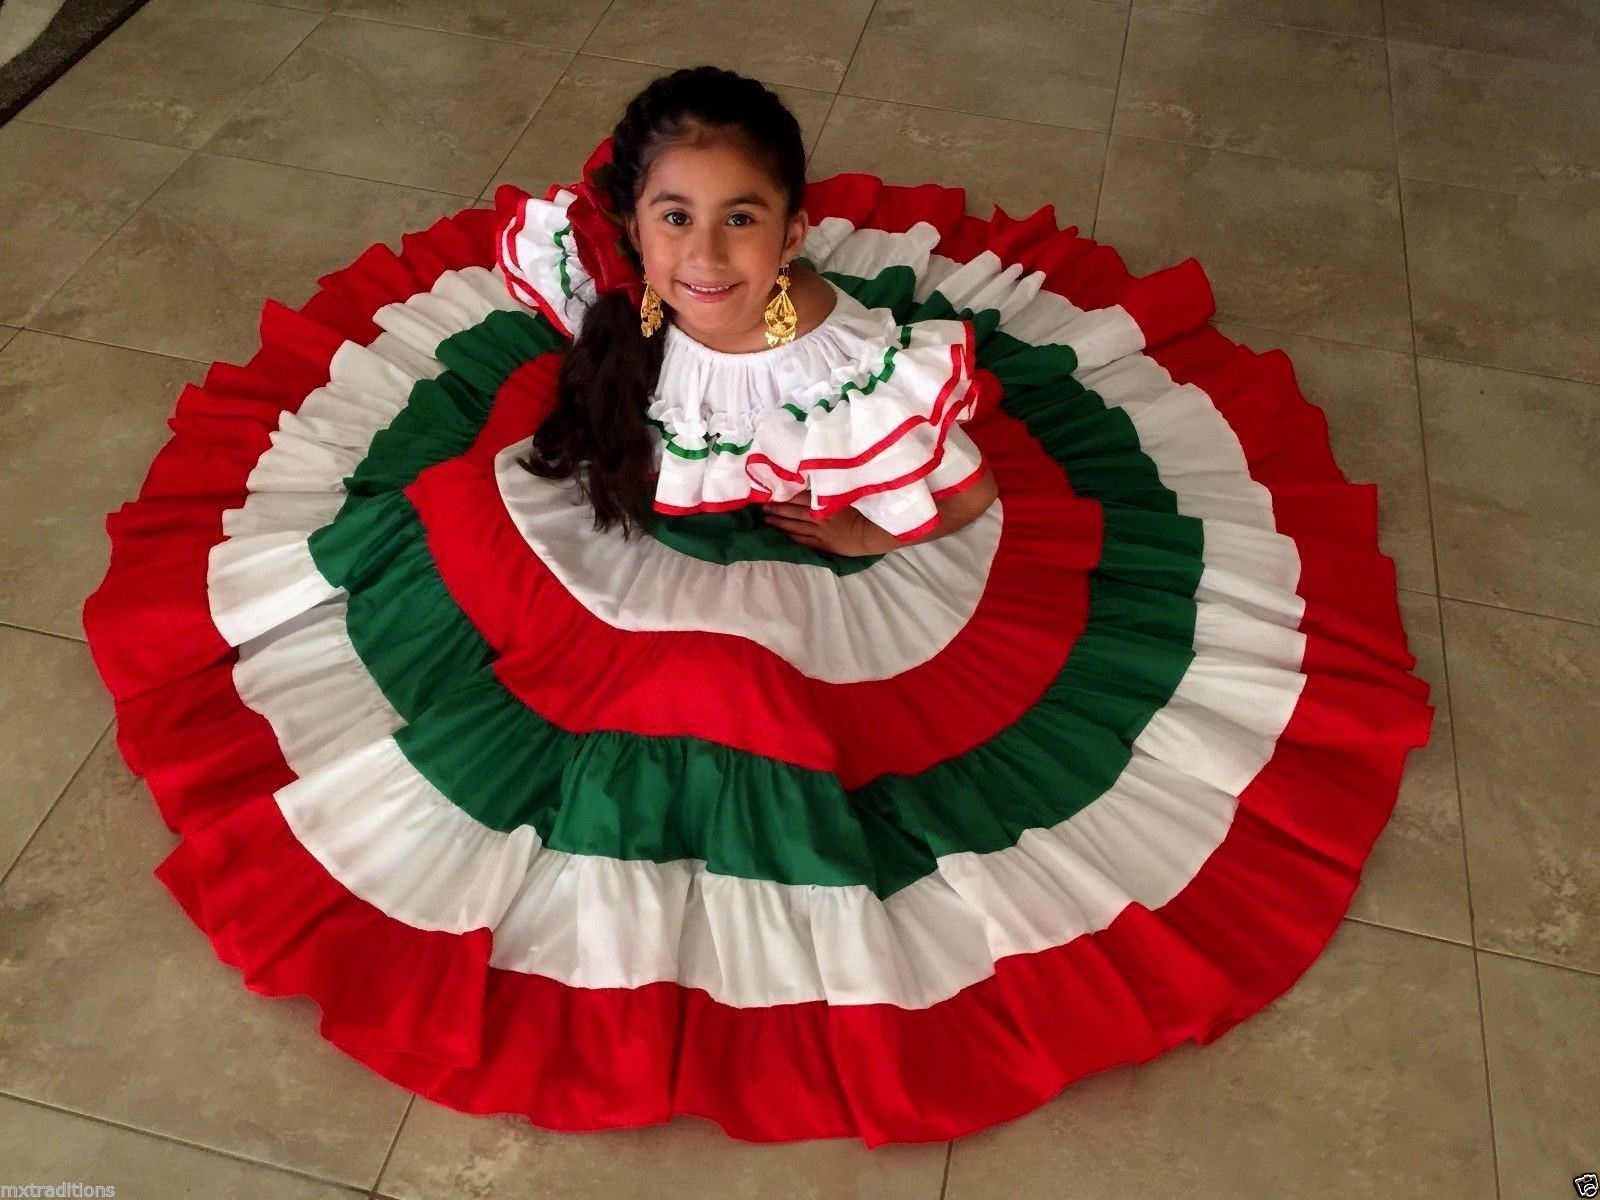 Mexican Girl Children Embroidered Dress 5 De Mayo,Mexican Fiesta.Vestido De Niña